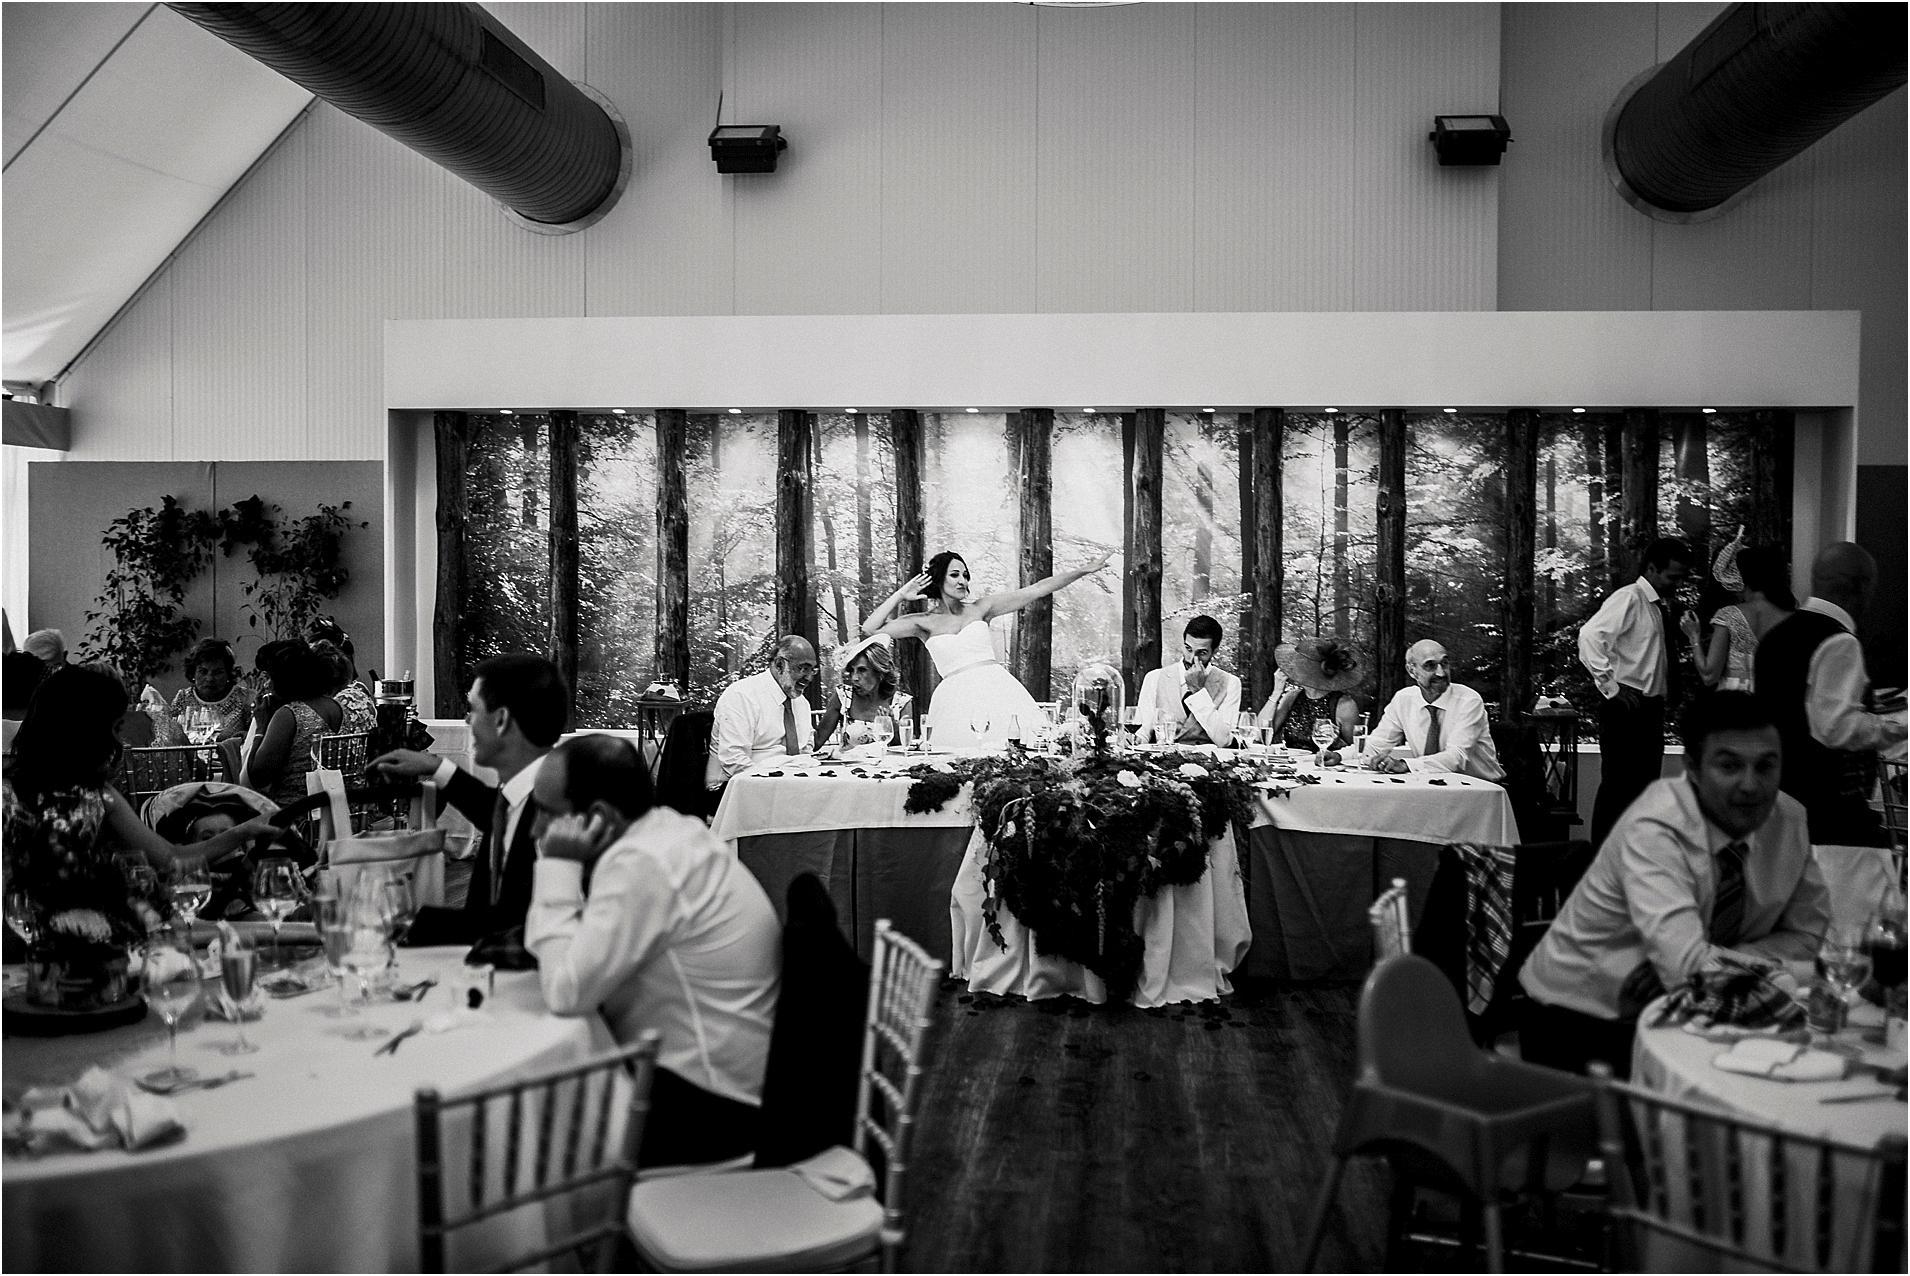 Fotografos-de-boda-donostia-zaragoza-san-sebastian-destination-wedding-photographer-90.jpg